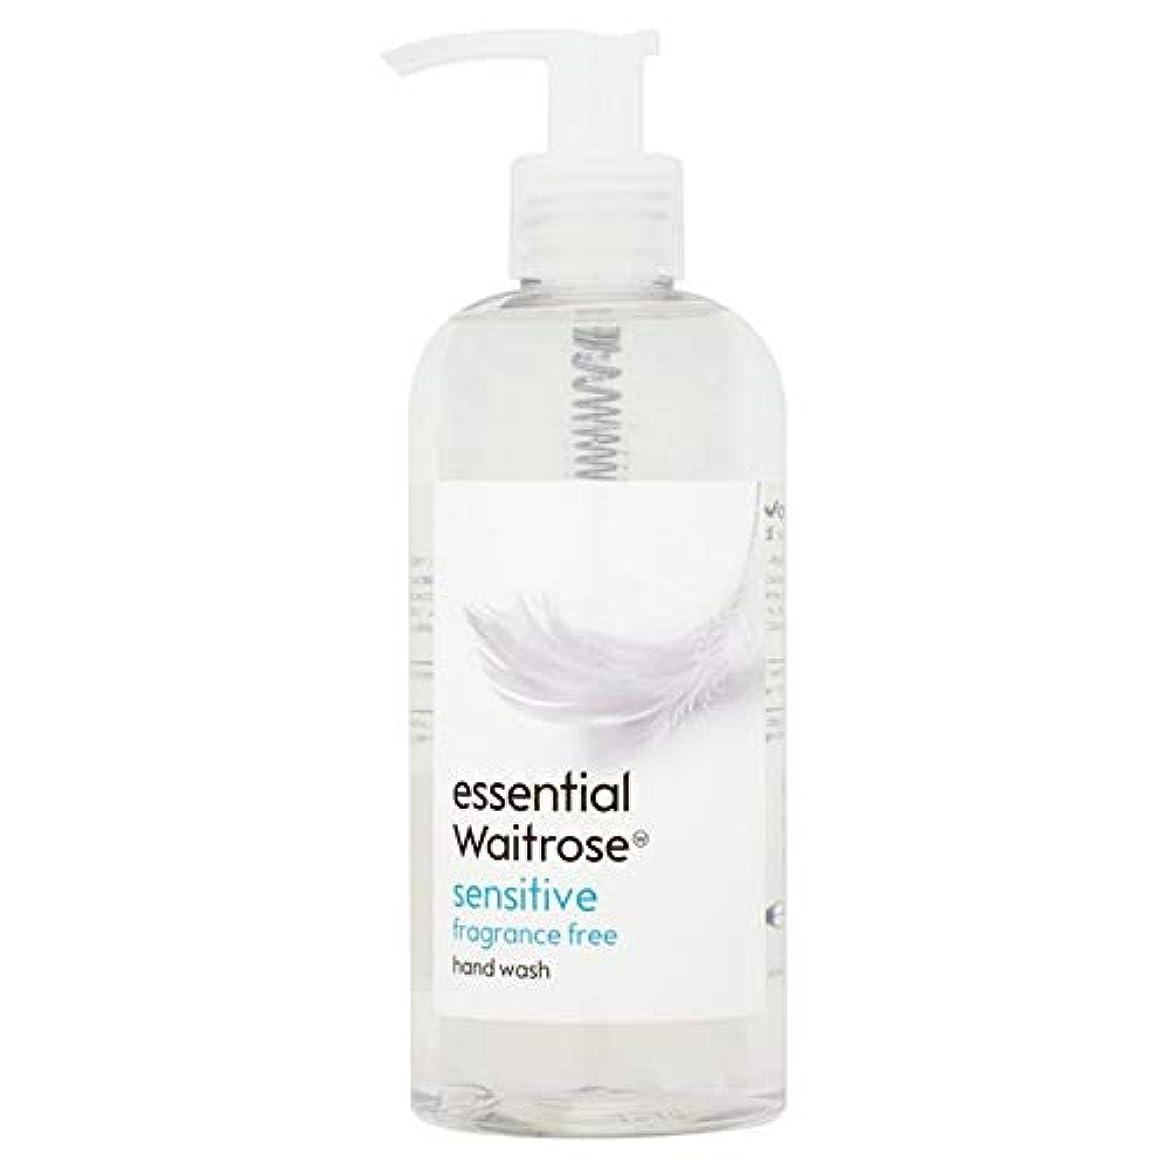 ラジエーター倉庫バレーボール[Waitrose ] 基本的なウェイトローズのハンドウォッシュ敏感な300ミリリットル - Essential Waitrose Hand Wash Sensitive 300ml [並行輸入品]